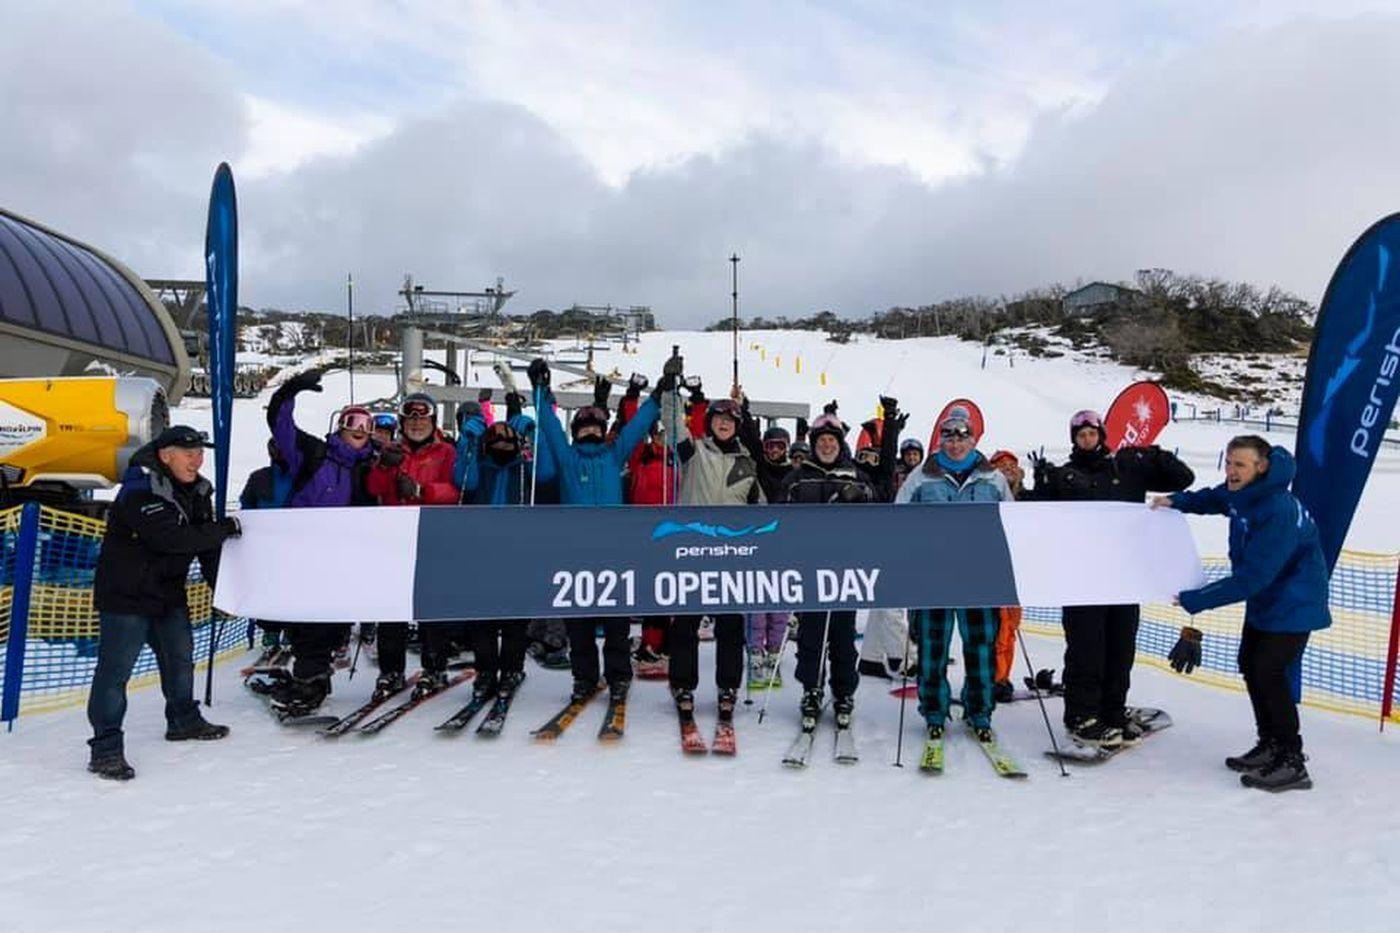 Australia has already opened its own ski season